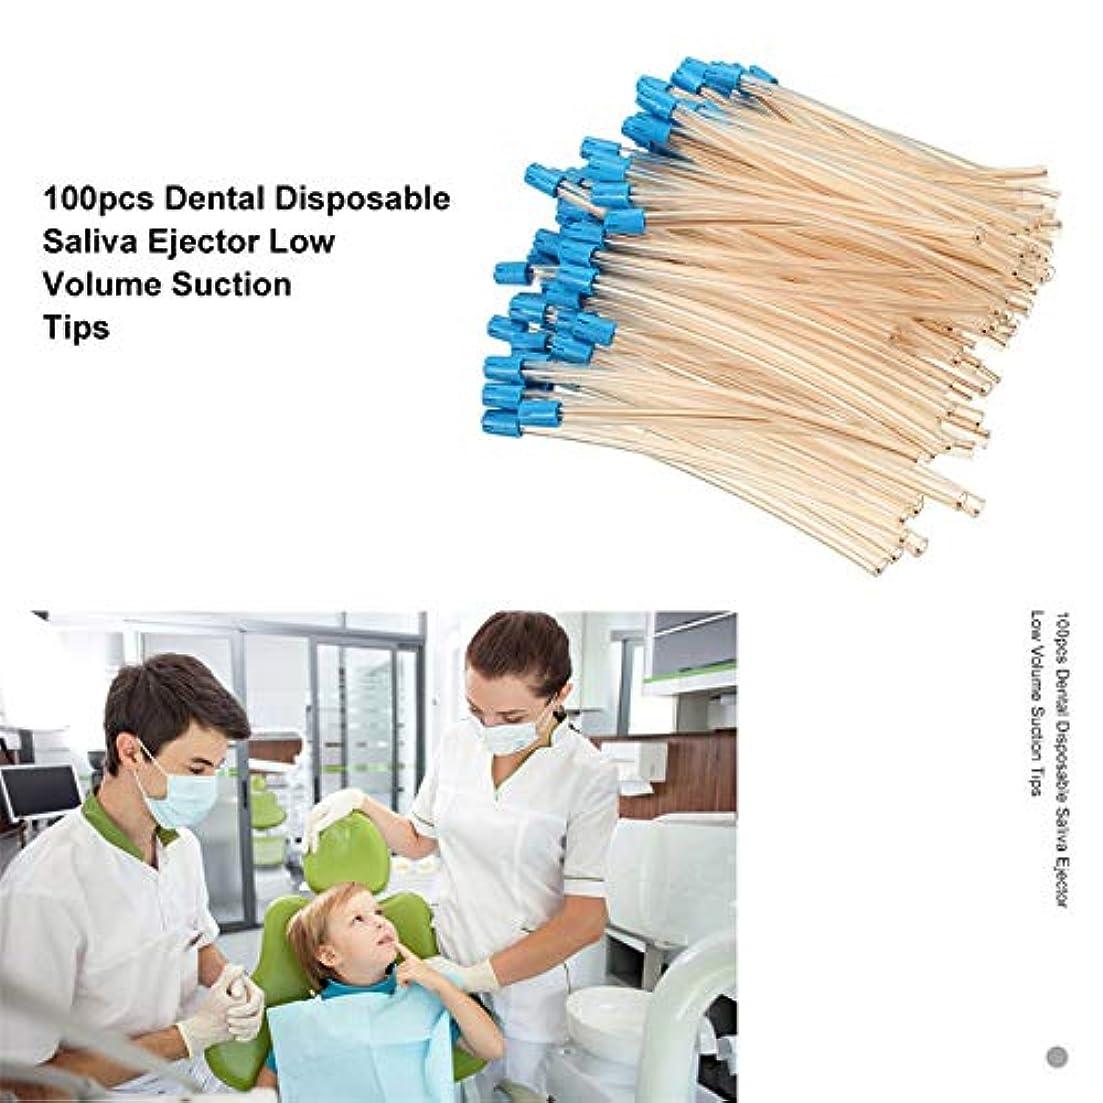 暴徒周り失Rabugoo 100個の歯科用使い捨て唾液エジェクタ低容量吸引チップアスピレータチューブオーラルケアツール